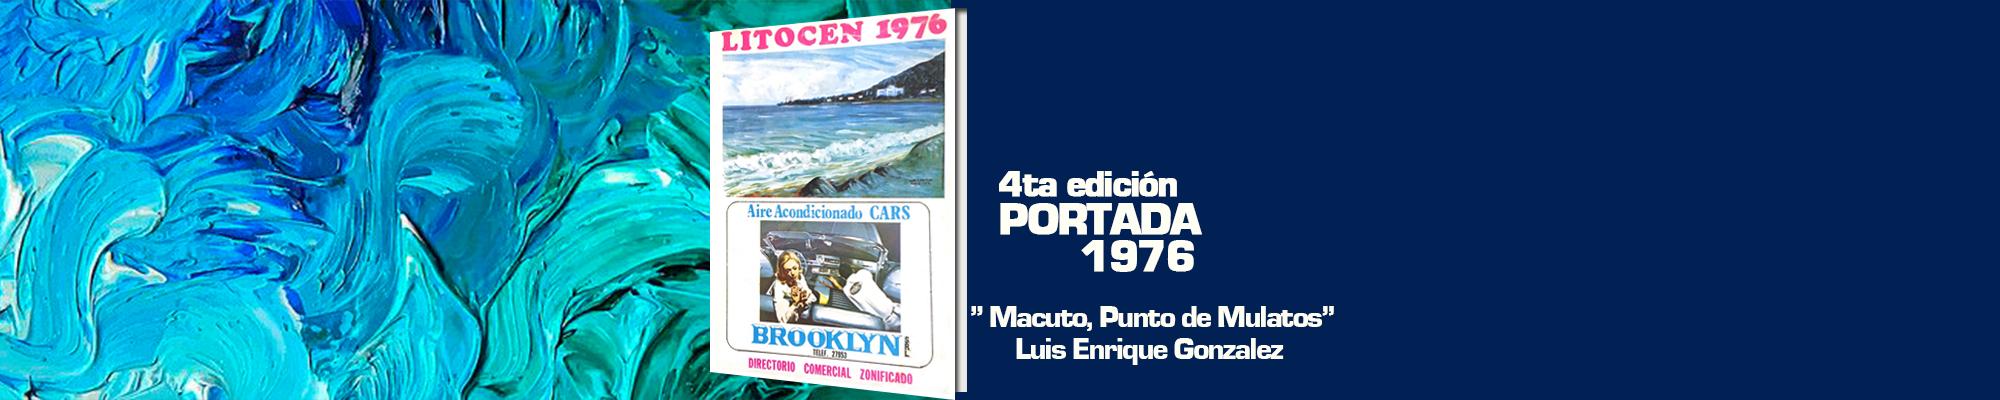 luis-enrique-gonzalez-portada-1976